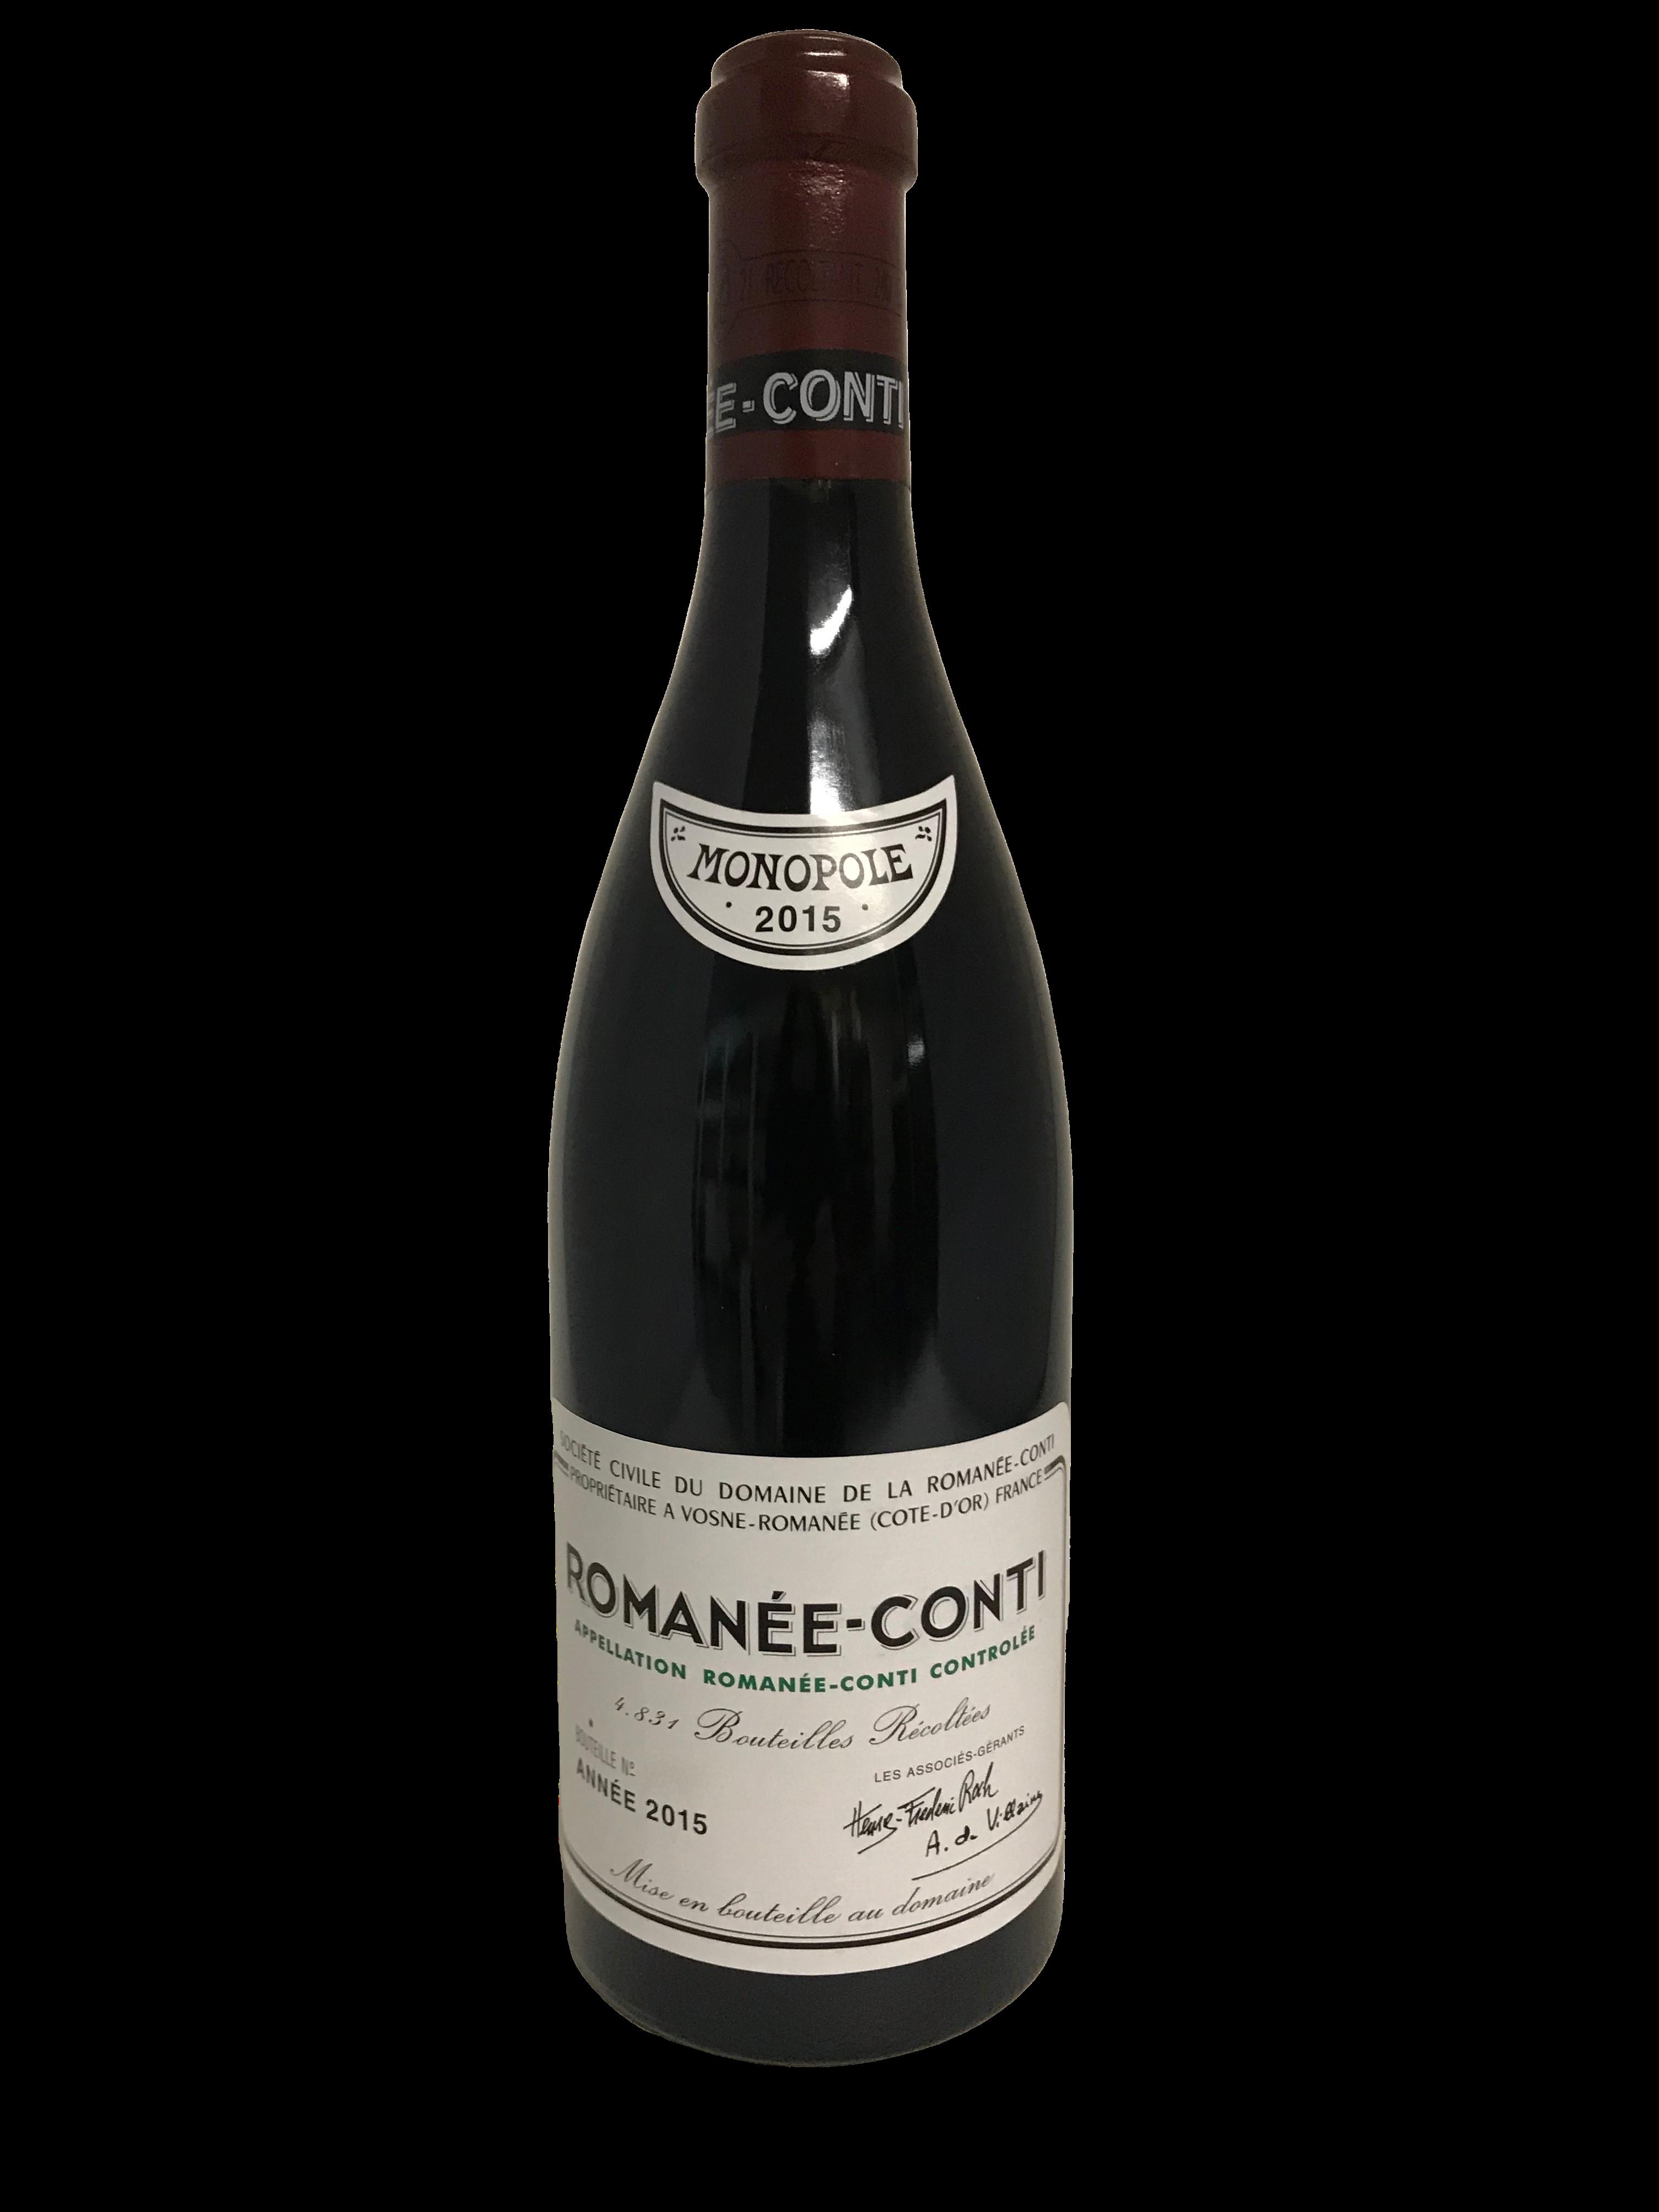 Domaine de la Romanée-Conti (DRC) – Romanée-Conti 2015